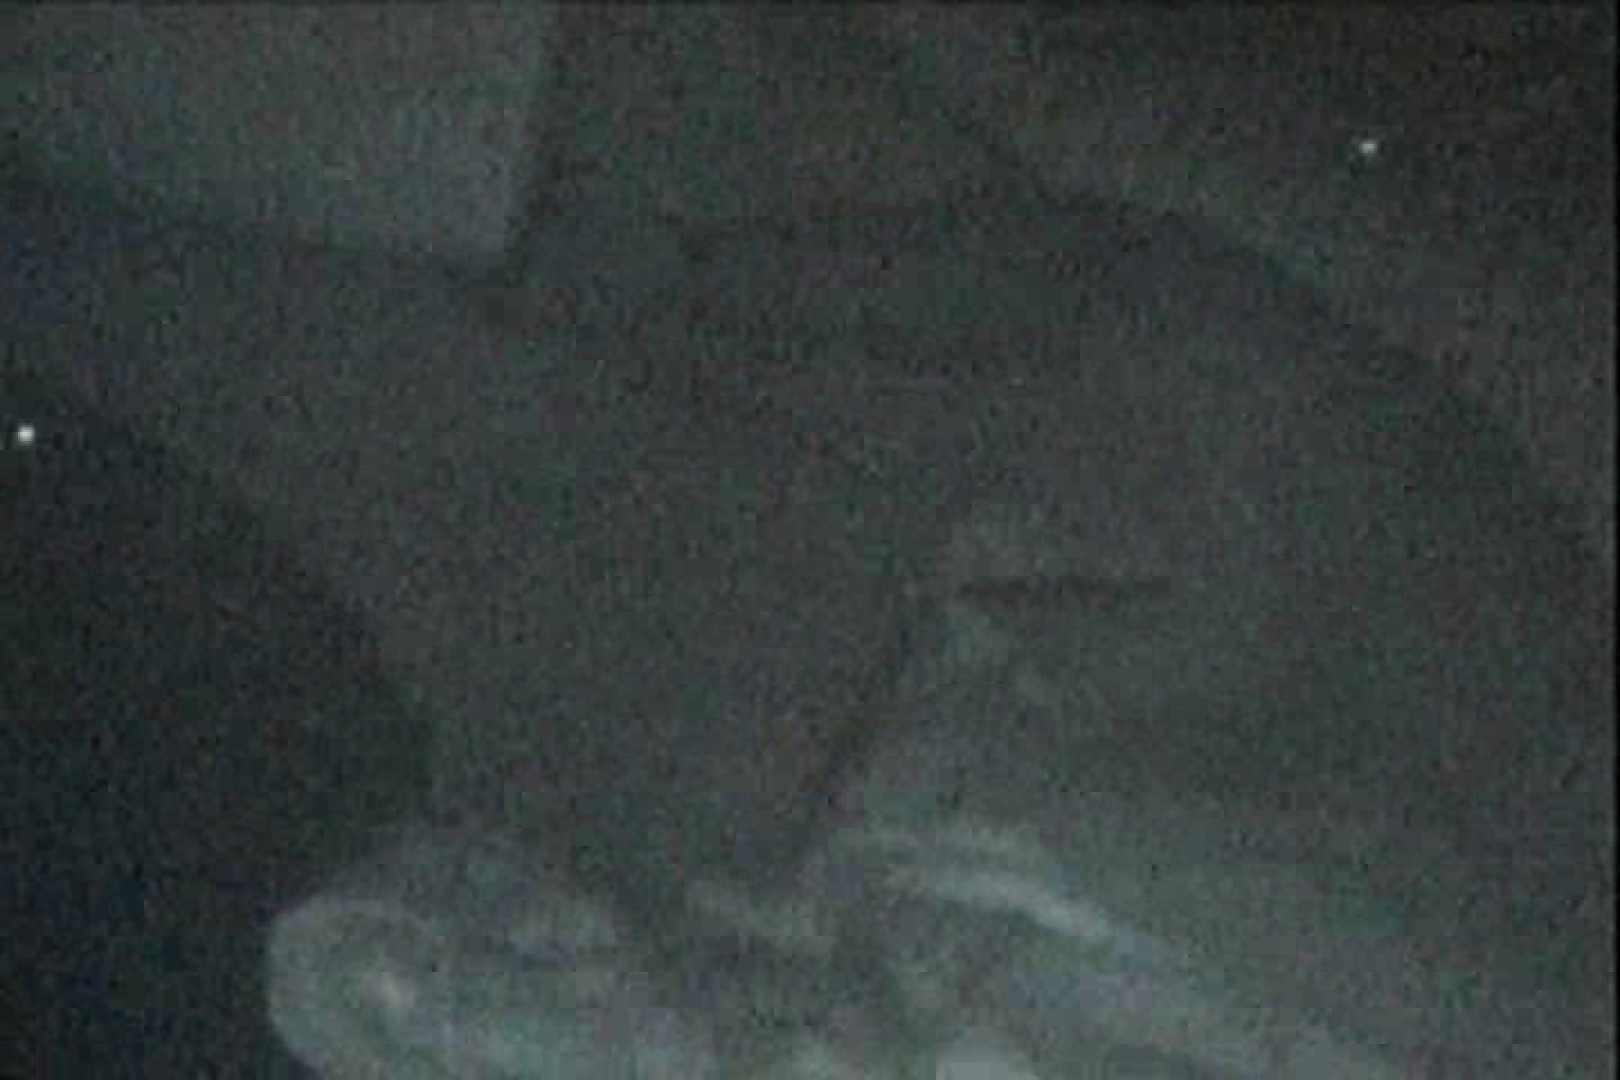 充血監督の深夜の運動会Vol.39 エッチなセックス   カップル盗撮  56画像 13